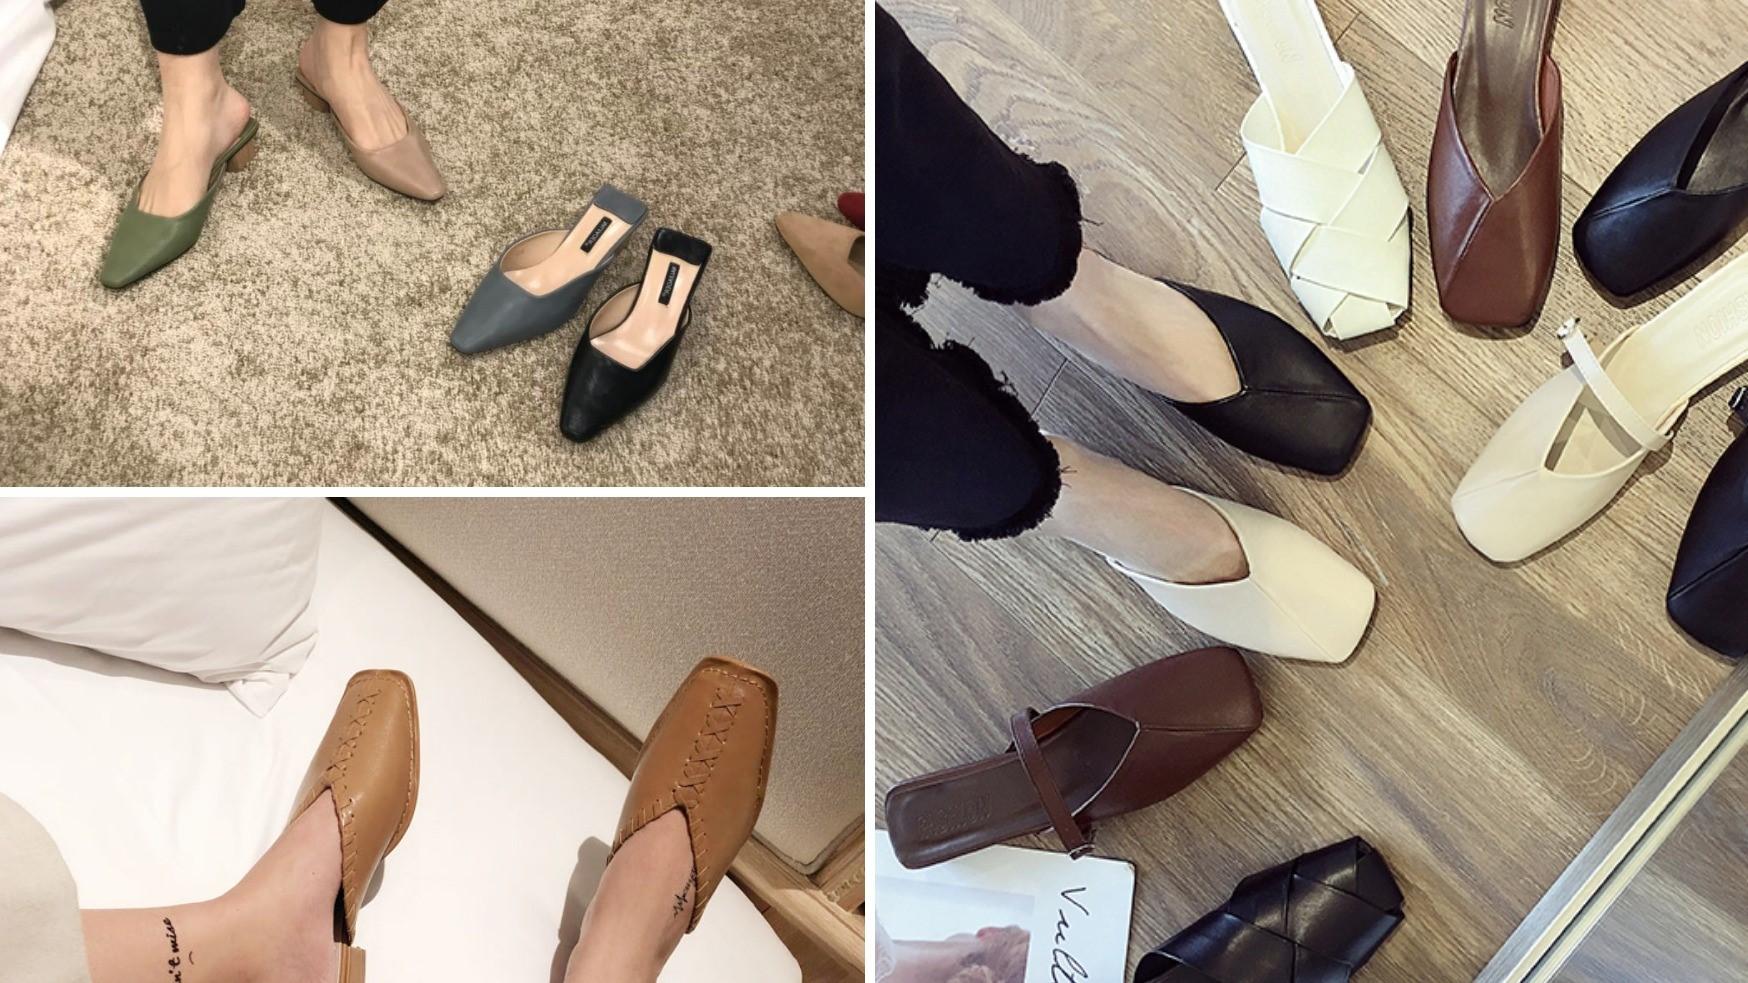 穿拖鞋就是隨便?今年最流行的早春時髦歐膩【懶人拖】清單推薦!